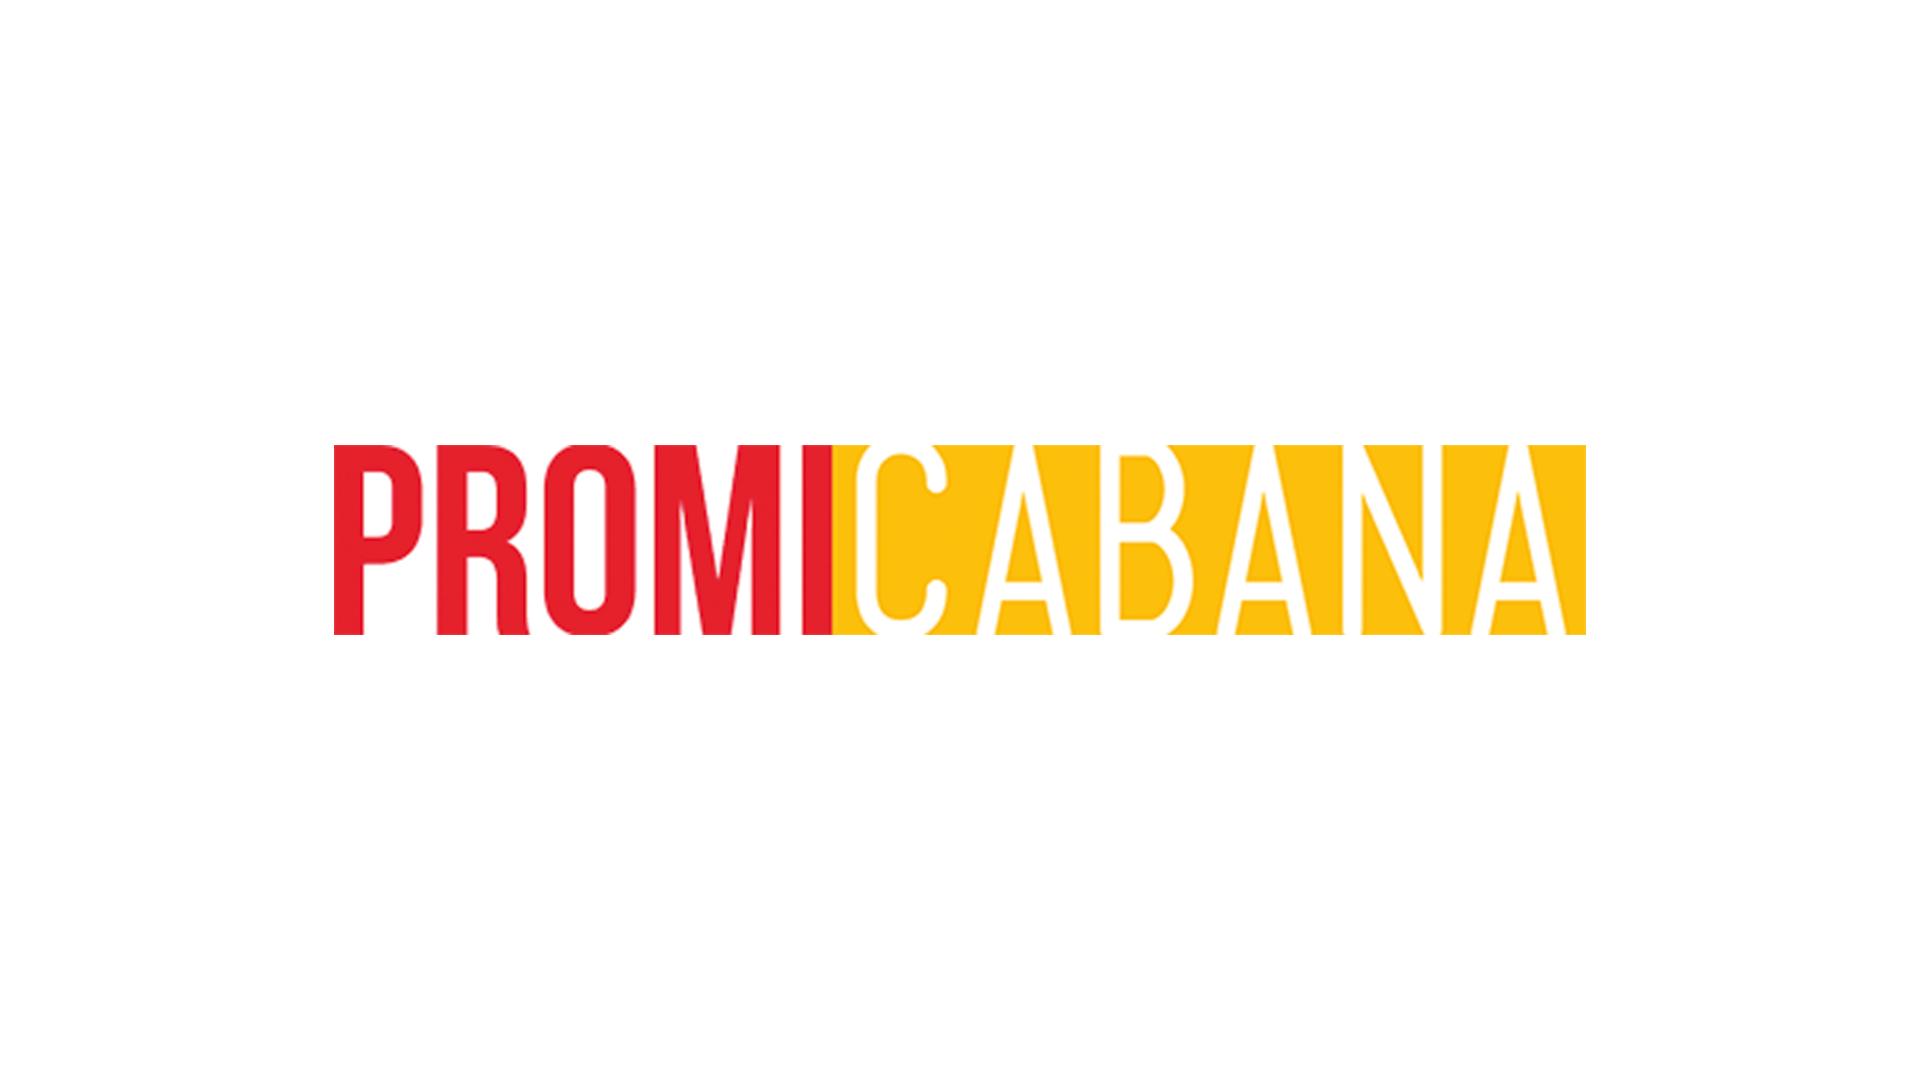 Katniss-Everdeen-Mockingjay-Trailer